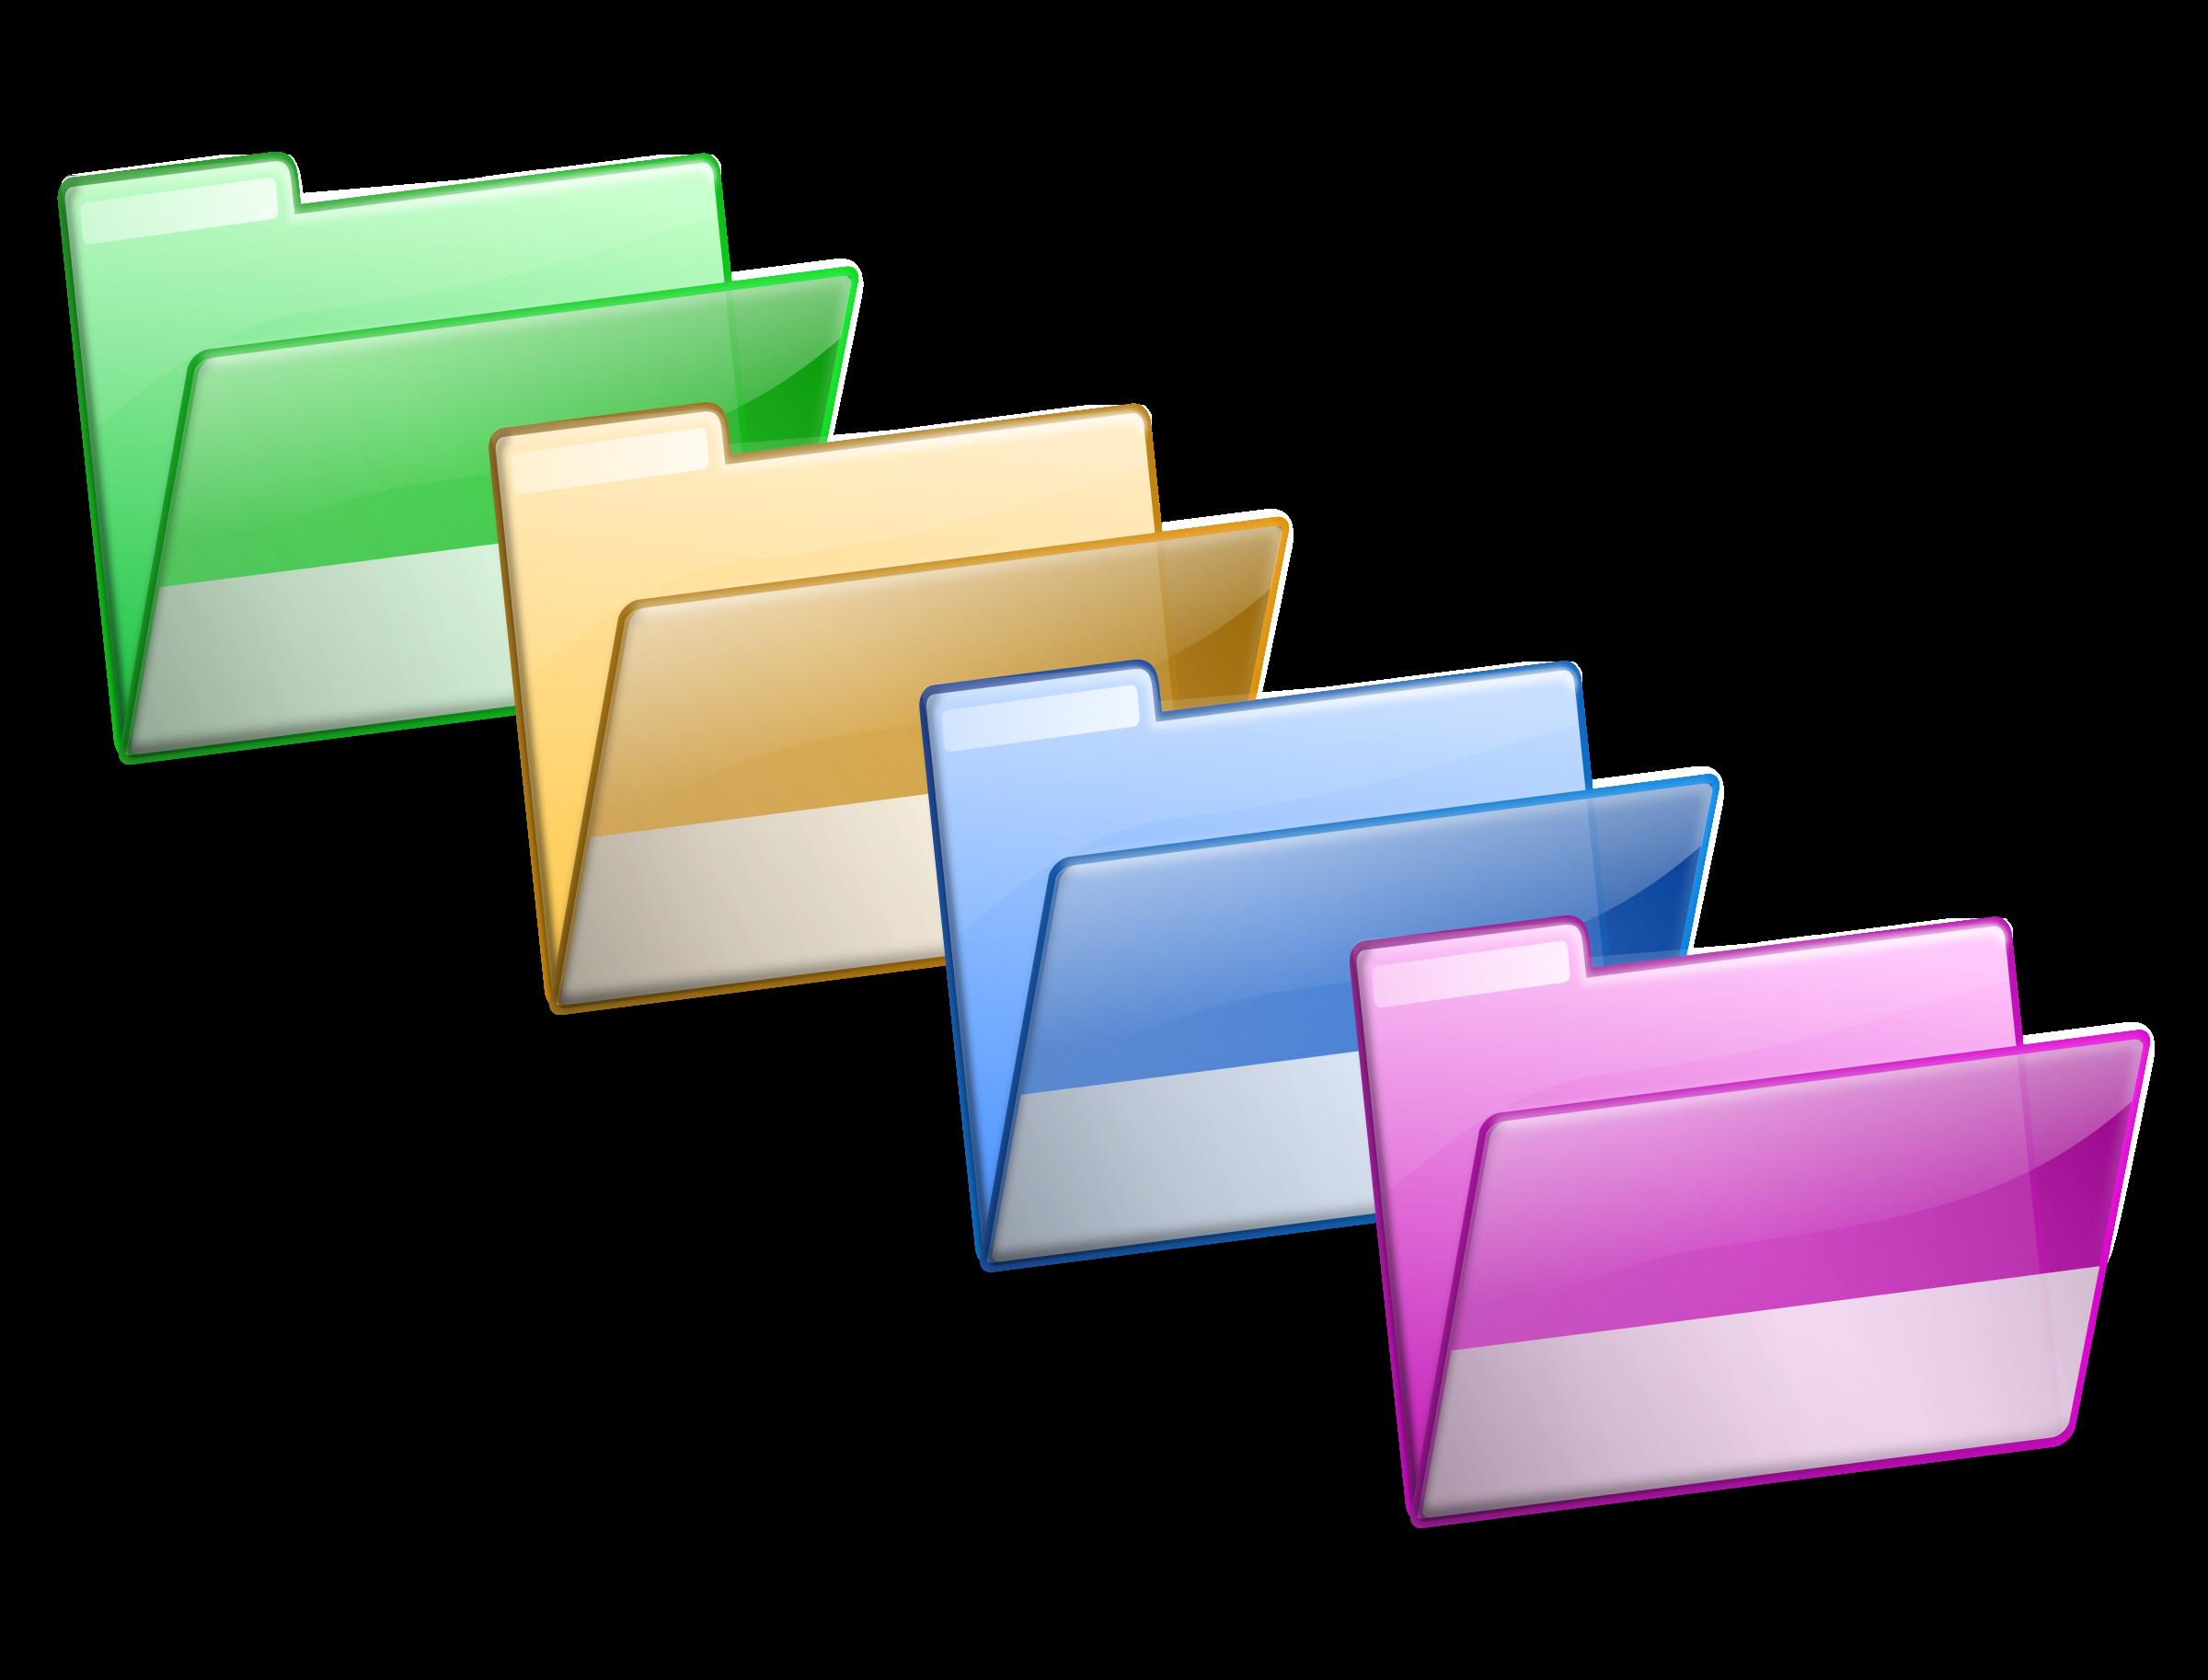 Secret clipart folder. Colorful png mart varie